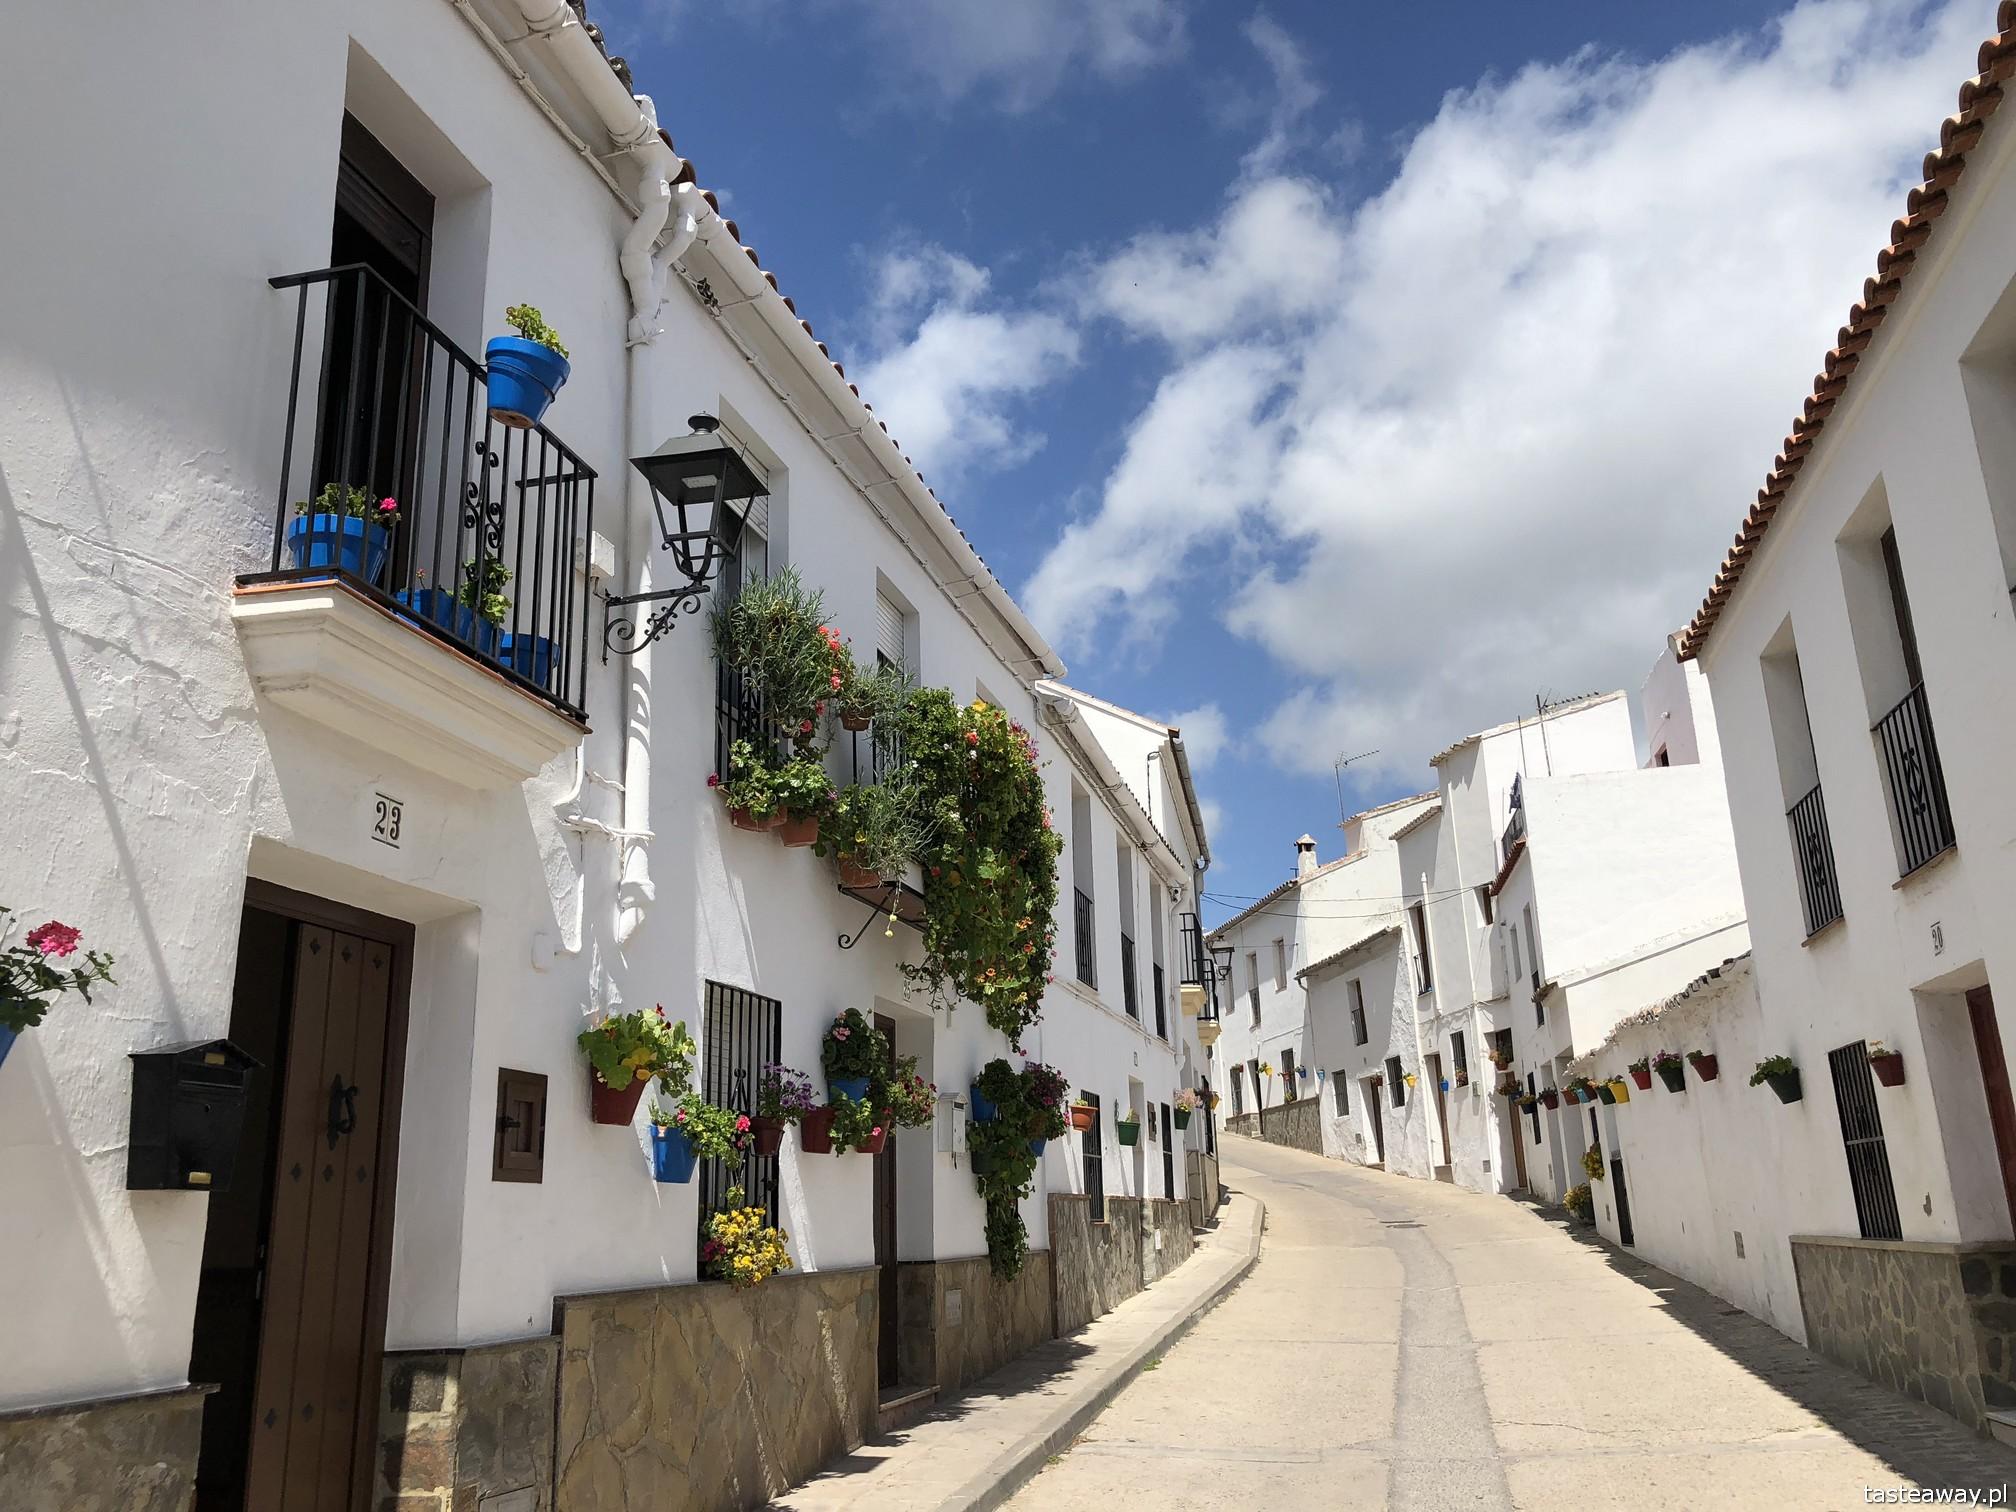 Andaluzja, najpiękniejsze miasteczka Andaluzji, pueblos blancos, co zobaczyć w Andaluzji, ruta de los pueblos blancos,  El Gastor